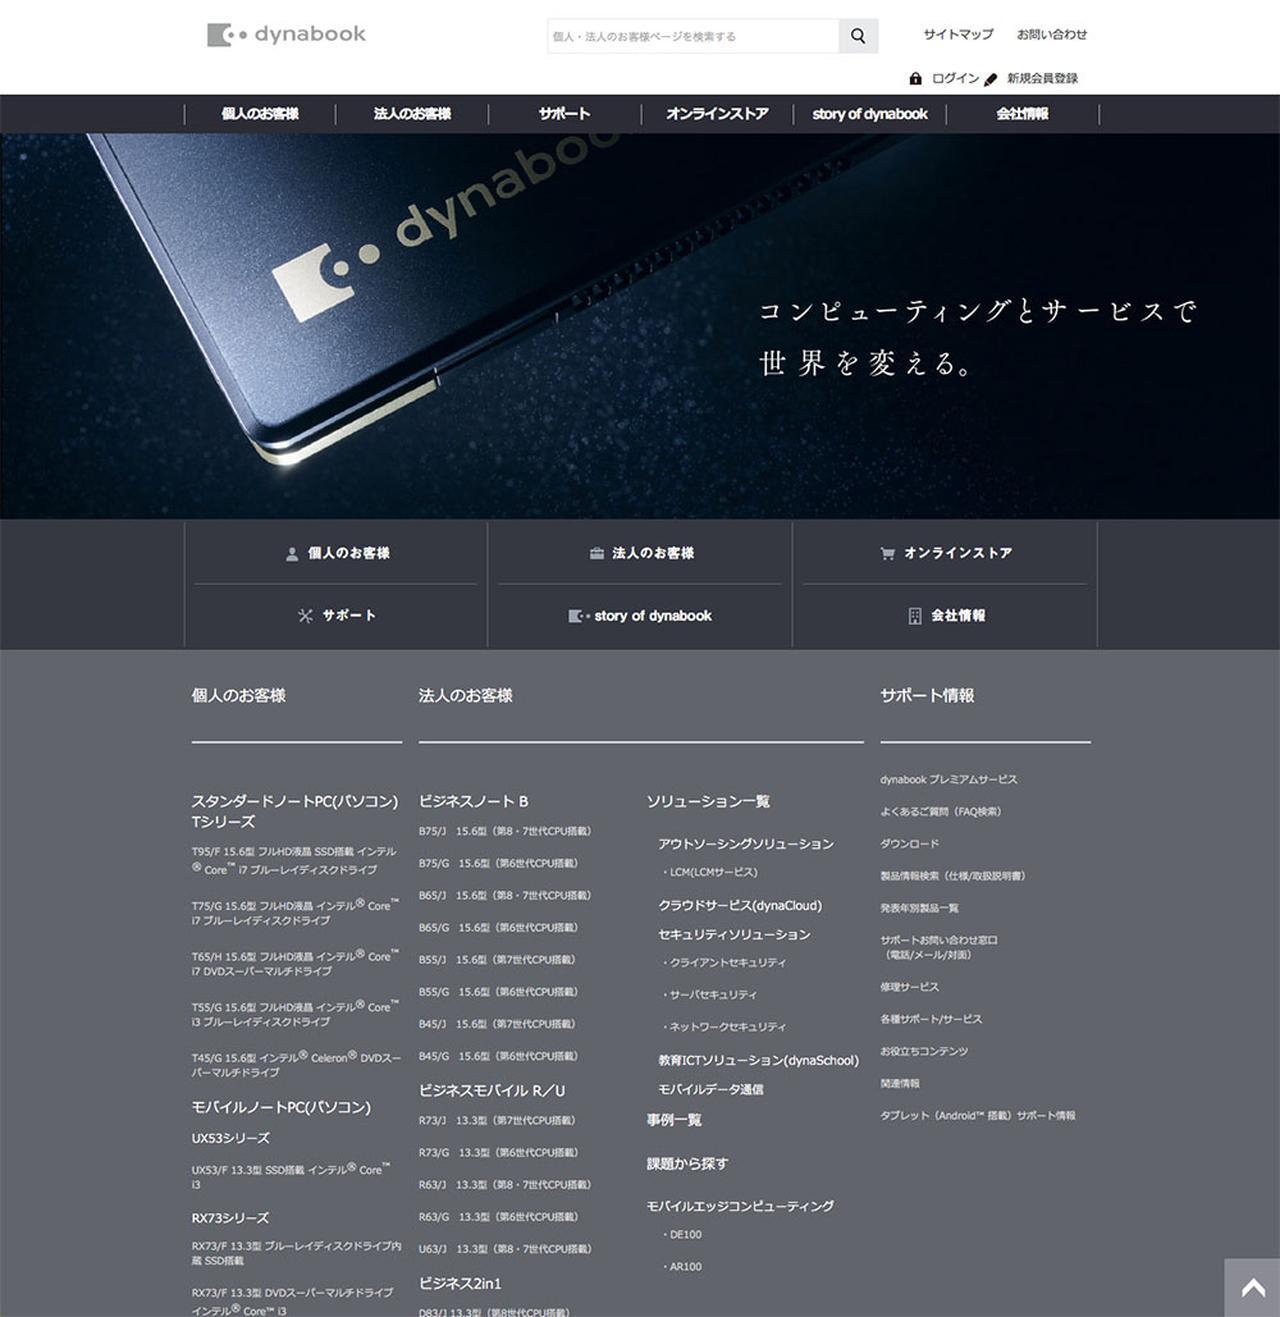 画像: 「Dynabook株式会社」が、公式ブランドサイトをリニューアル。Dynabookの歴史から最新モデルの速報、豆知識まで詳しく紹介